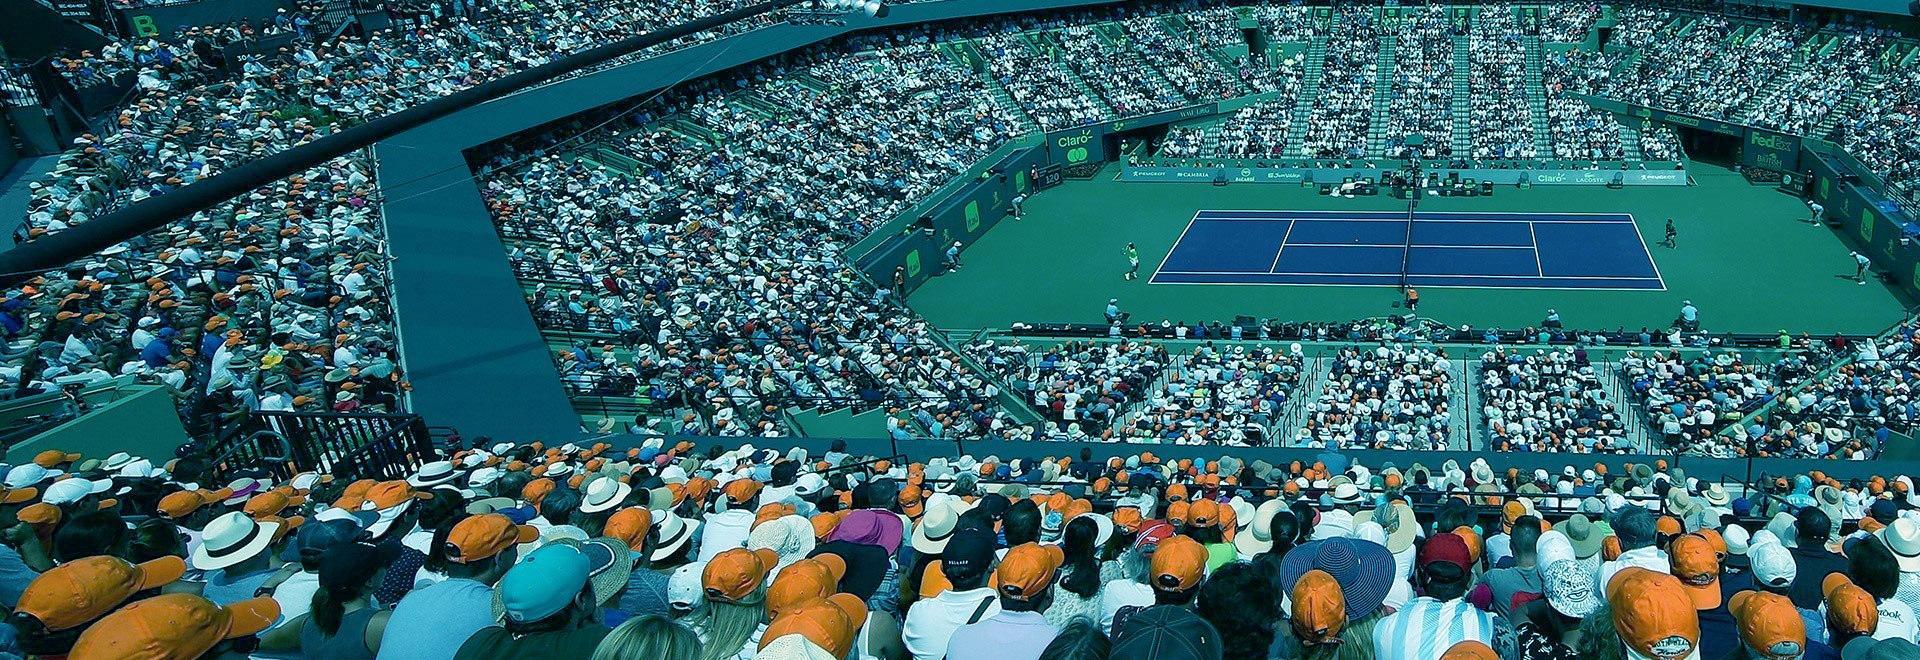 ATP Miami 2005